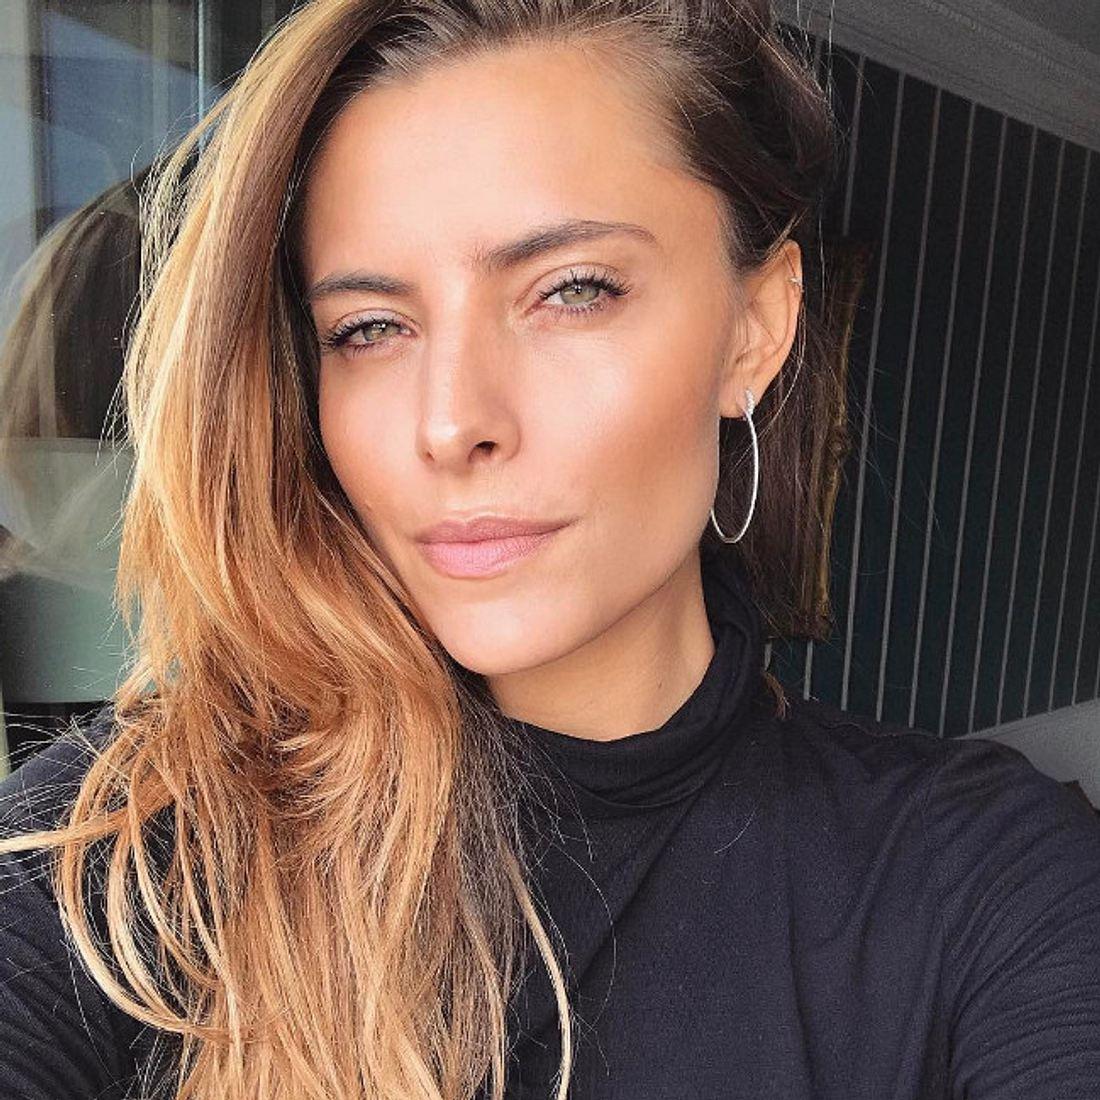 Sophia Thomalla erhebt schwere Vorwürfe